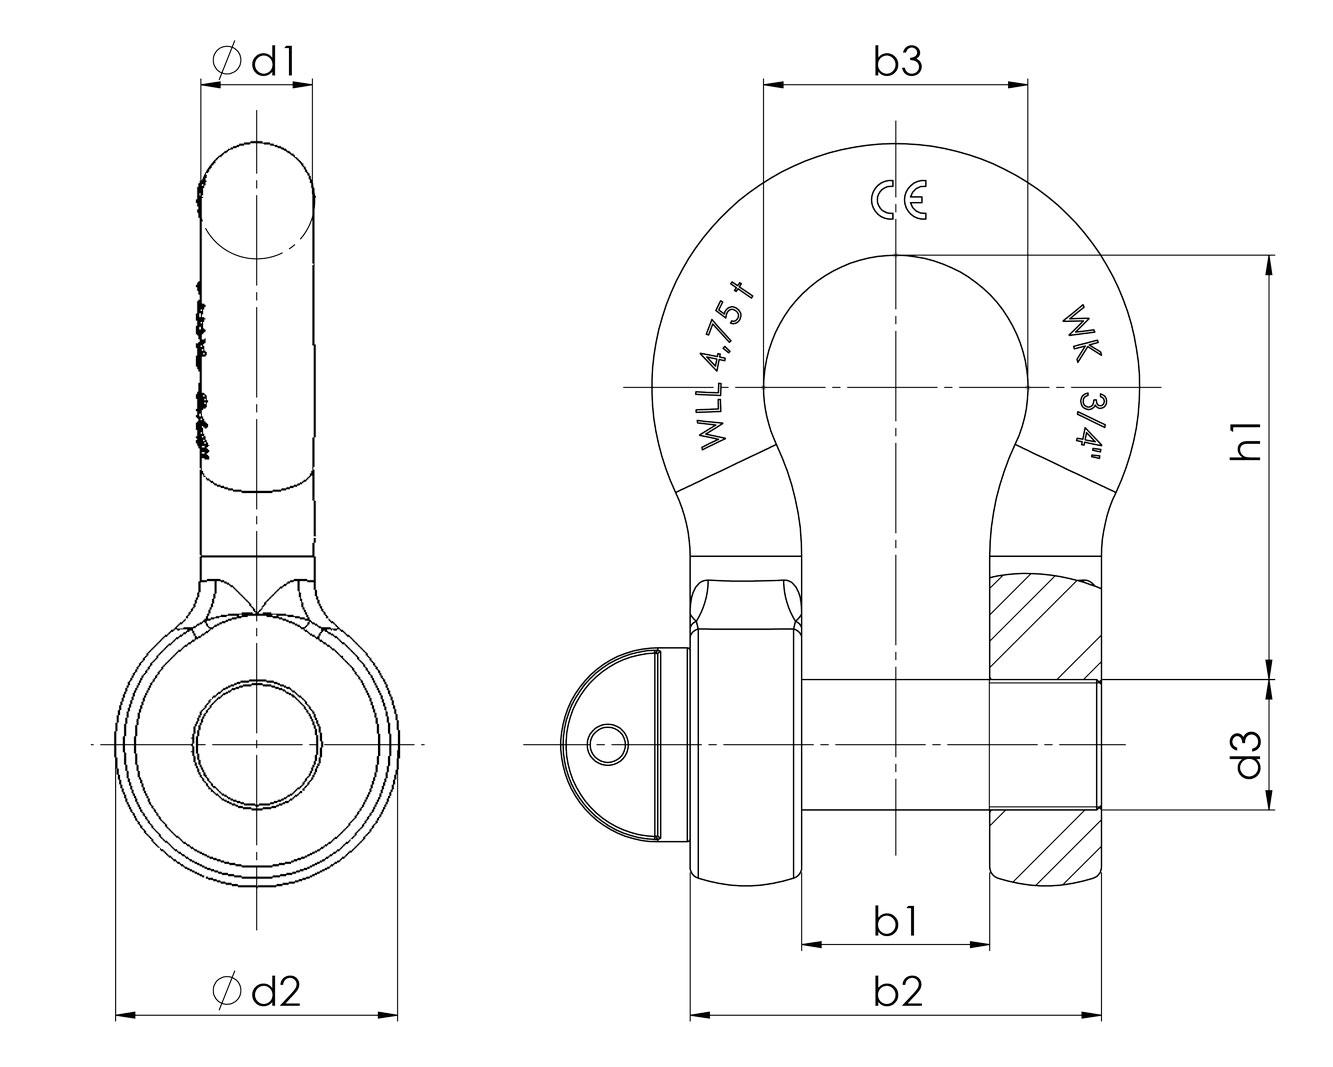 Kiespumpe 76mm für DN 80 Brunnenrohr